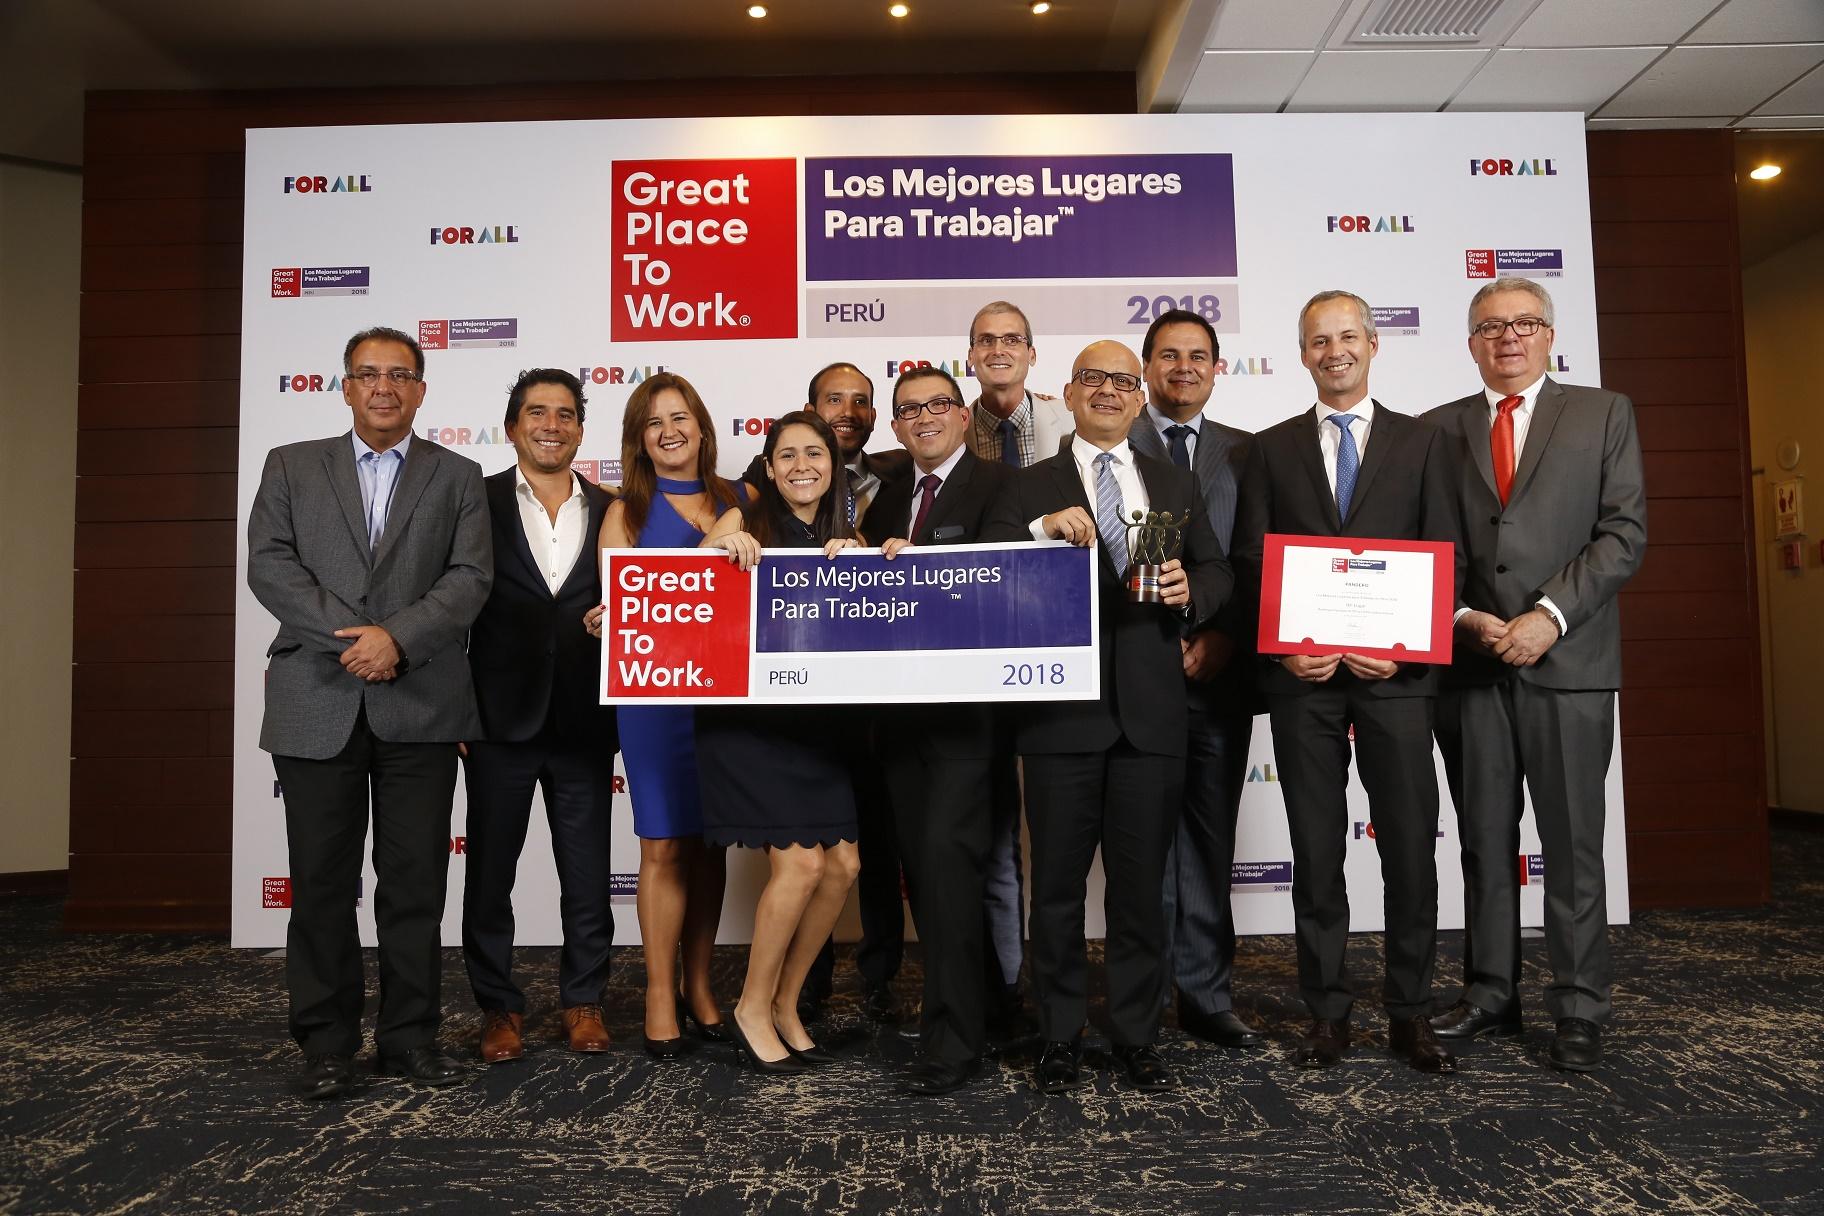 Pandero S.A reconocido como una de las mejores empresas para trabajar en el Perú